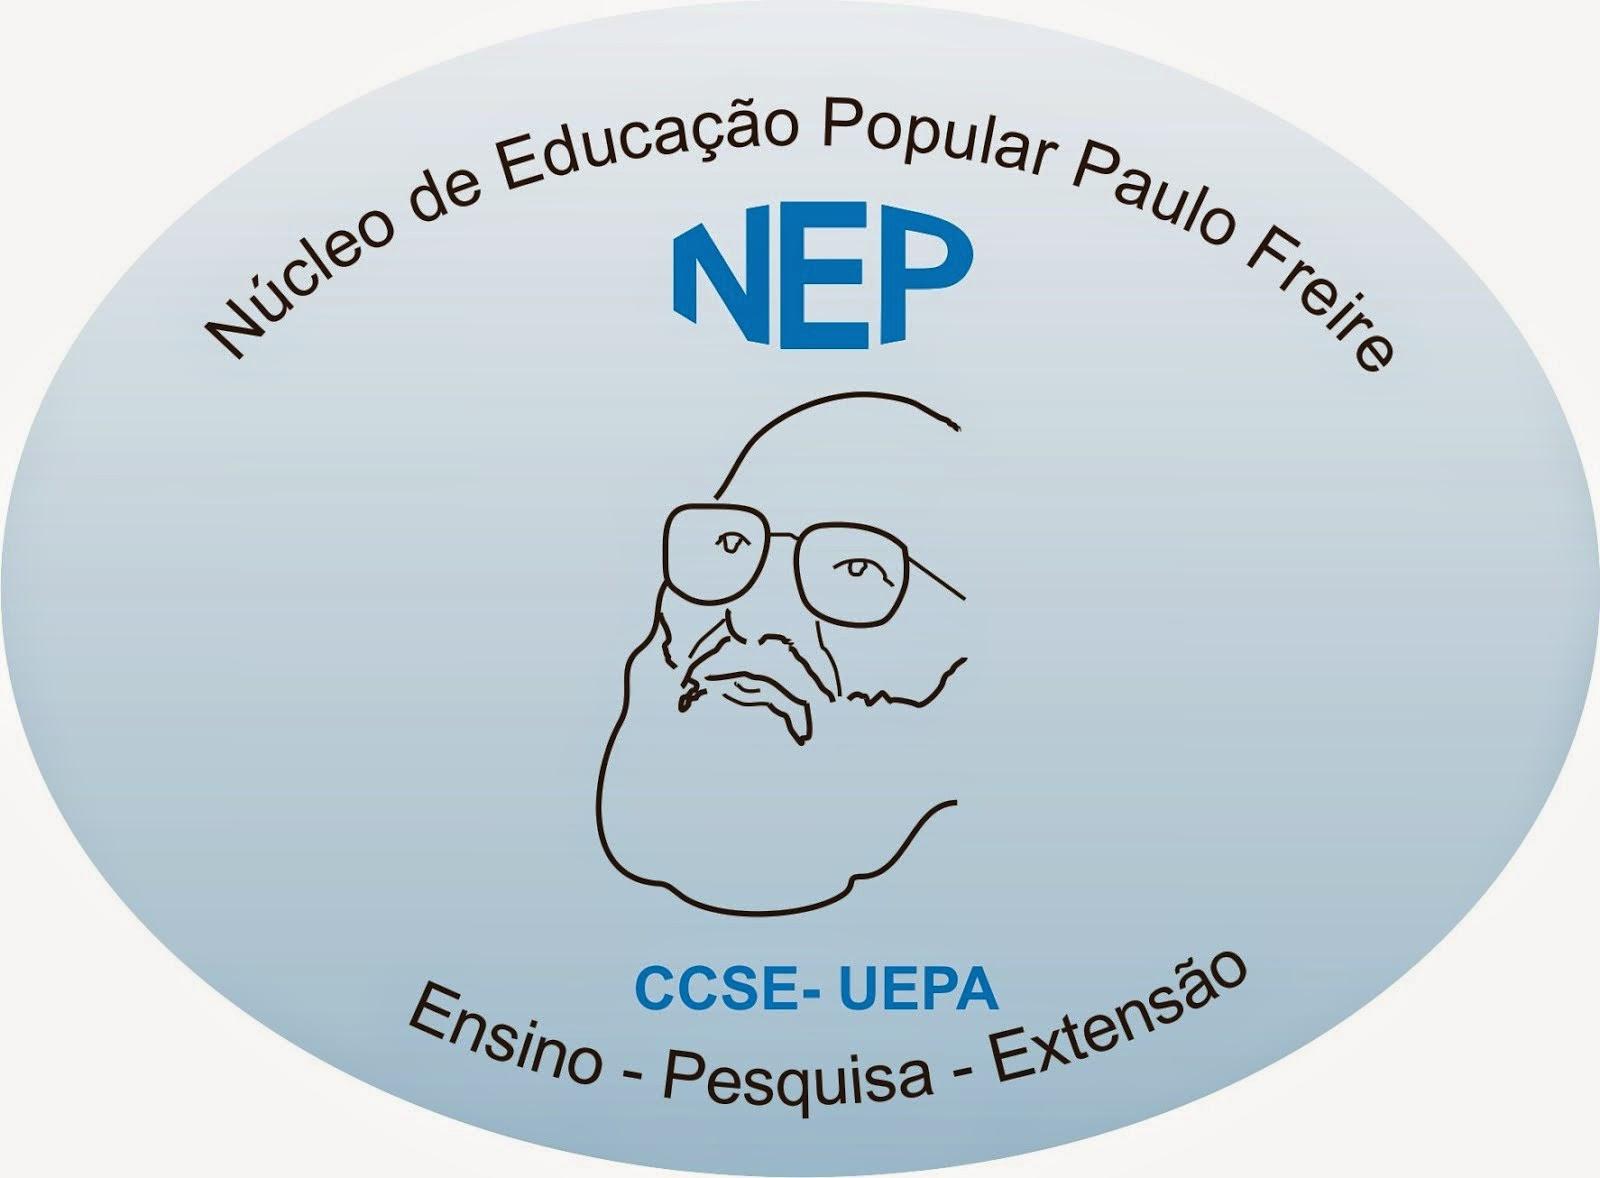 Resultado de imagem para Núcleo de Educação Popular Paulo Freire